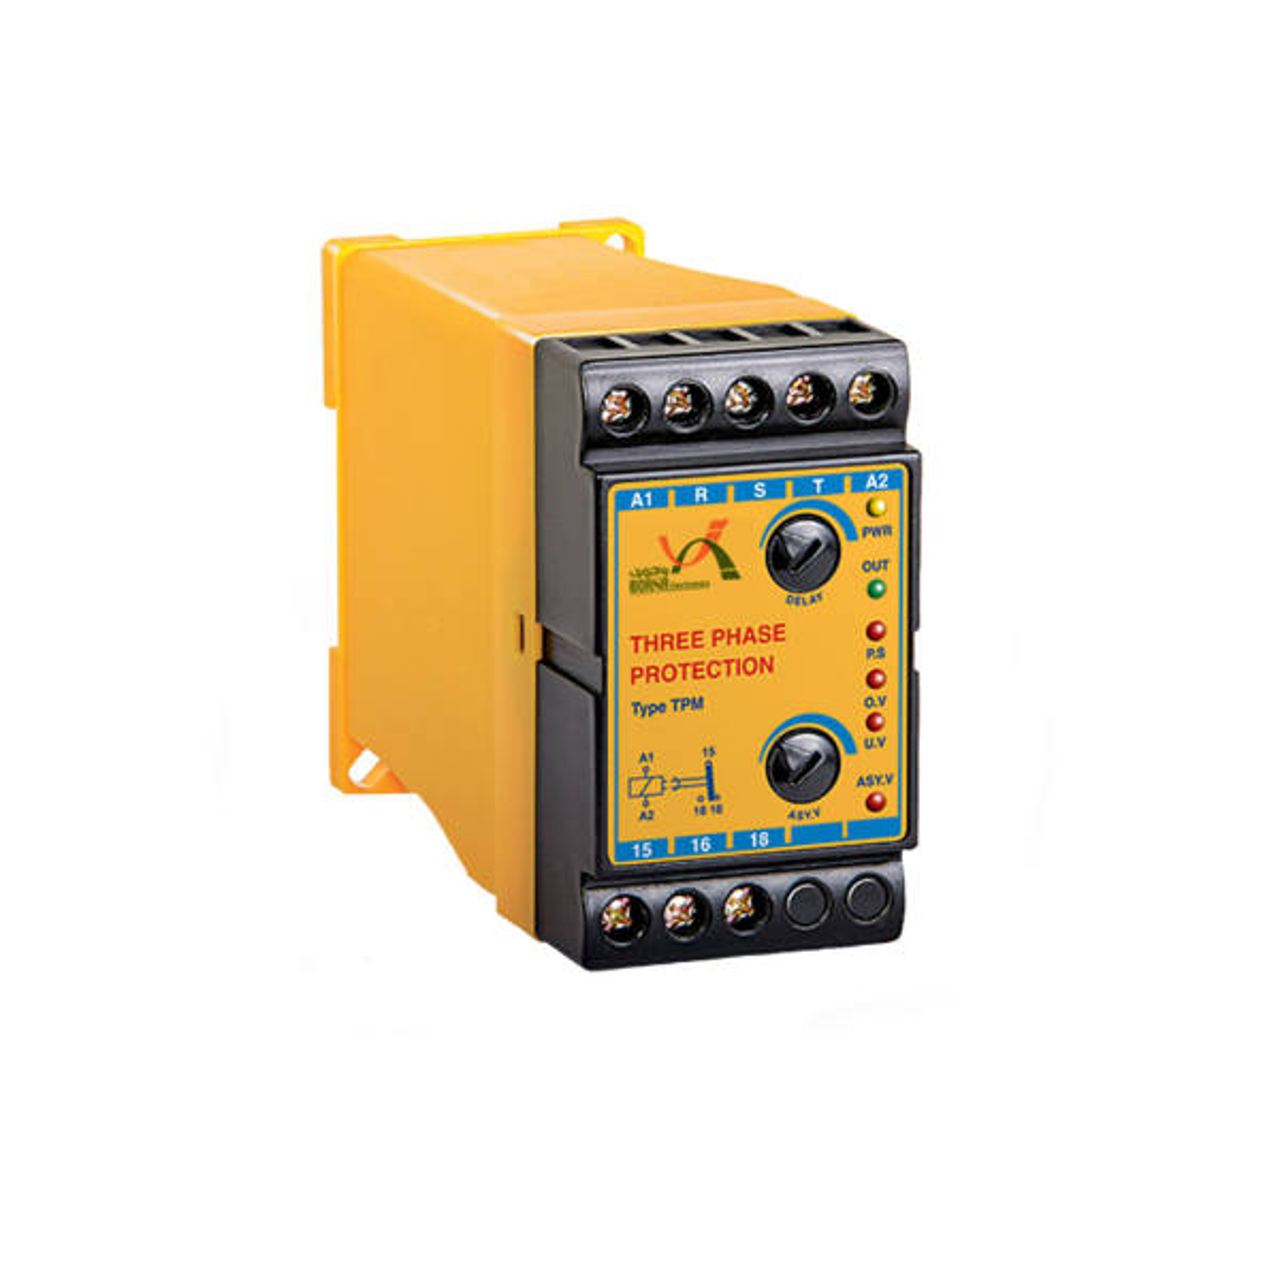 کنترل فاز بدون نول برنا الکترونیک مدل TPM